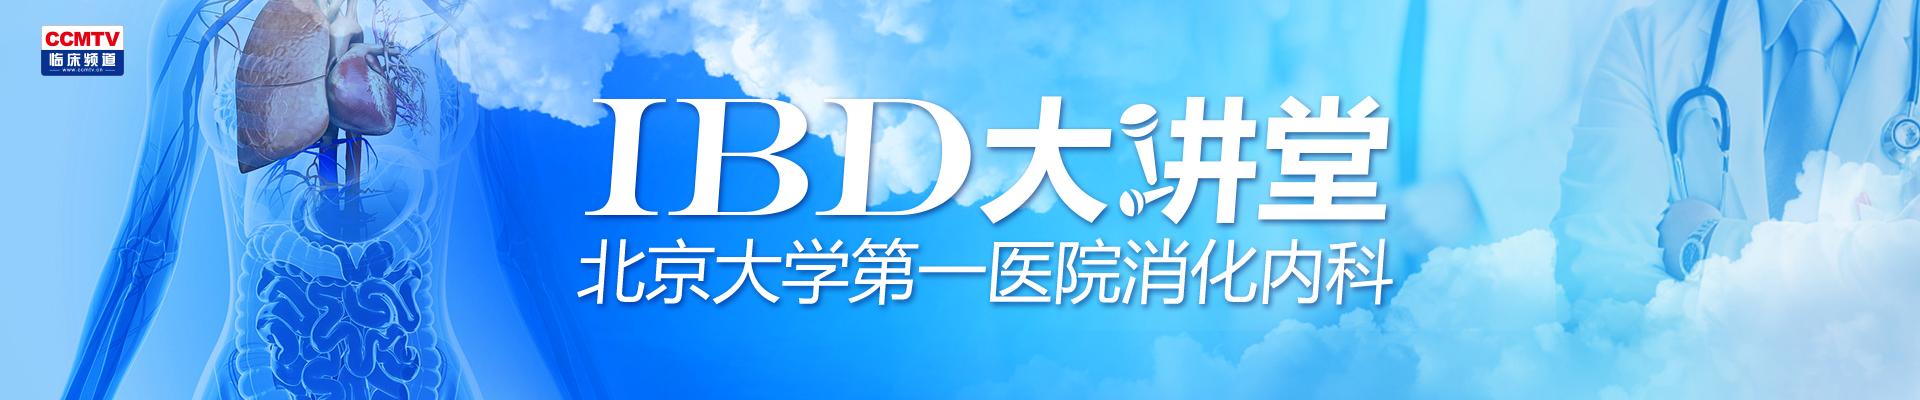 北京大学第一医院IBD大讲堂